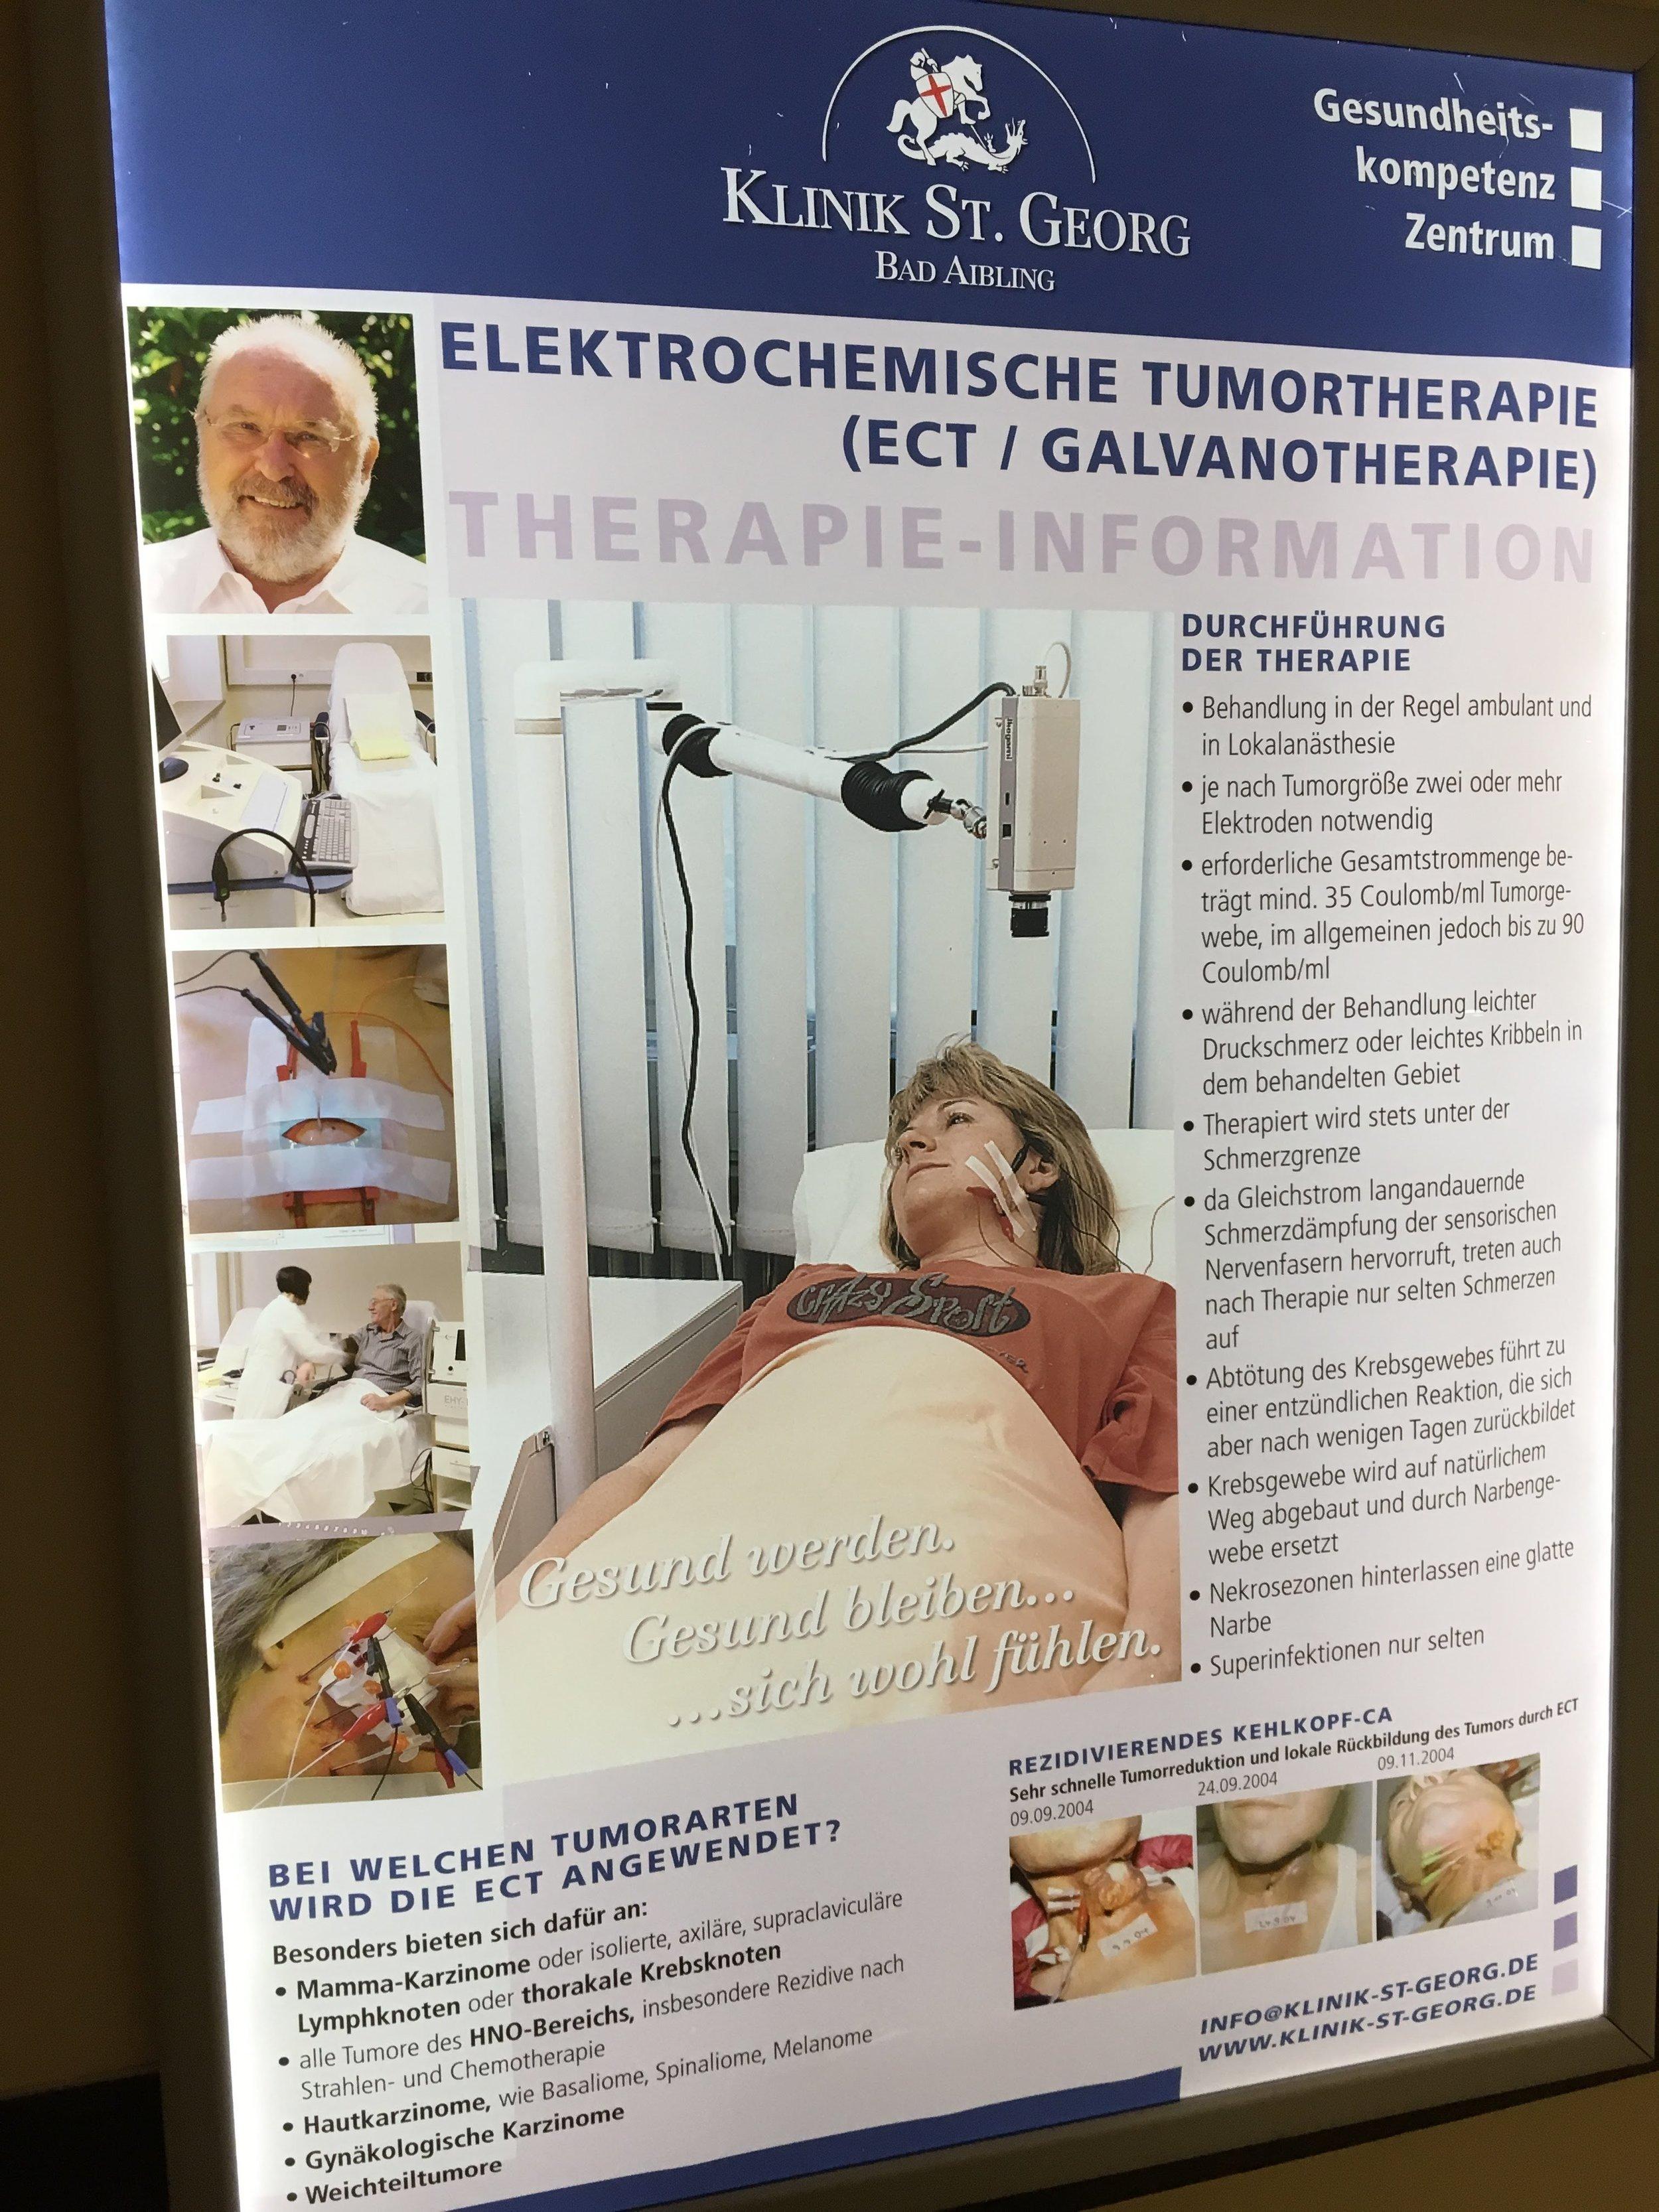 ECT Treatment